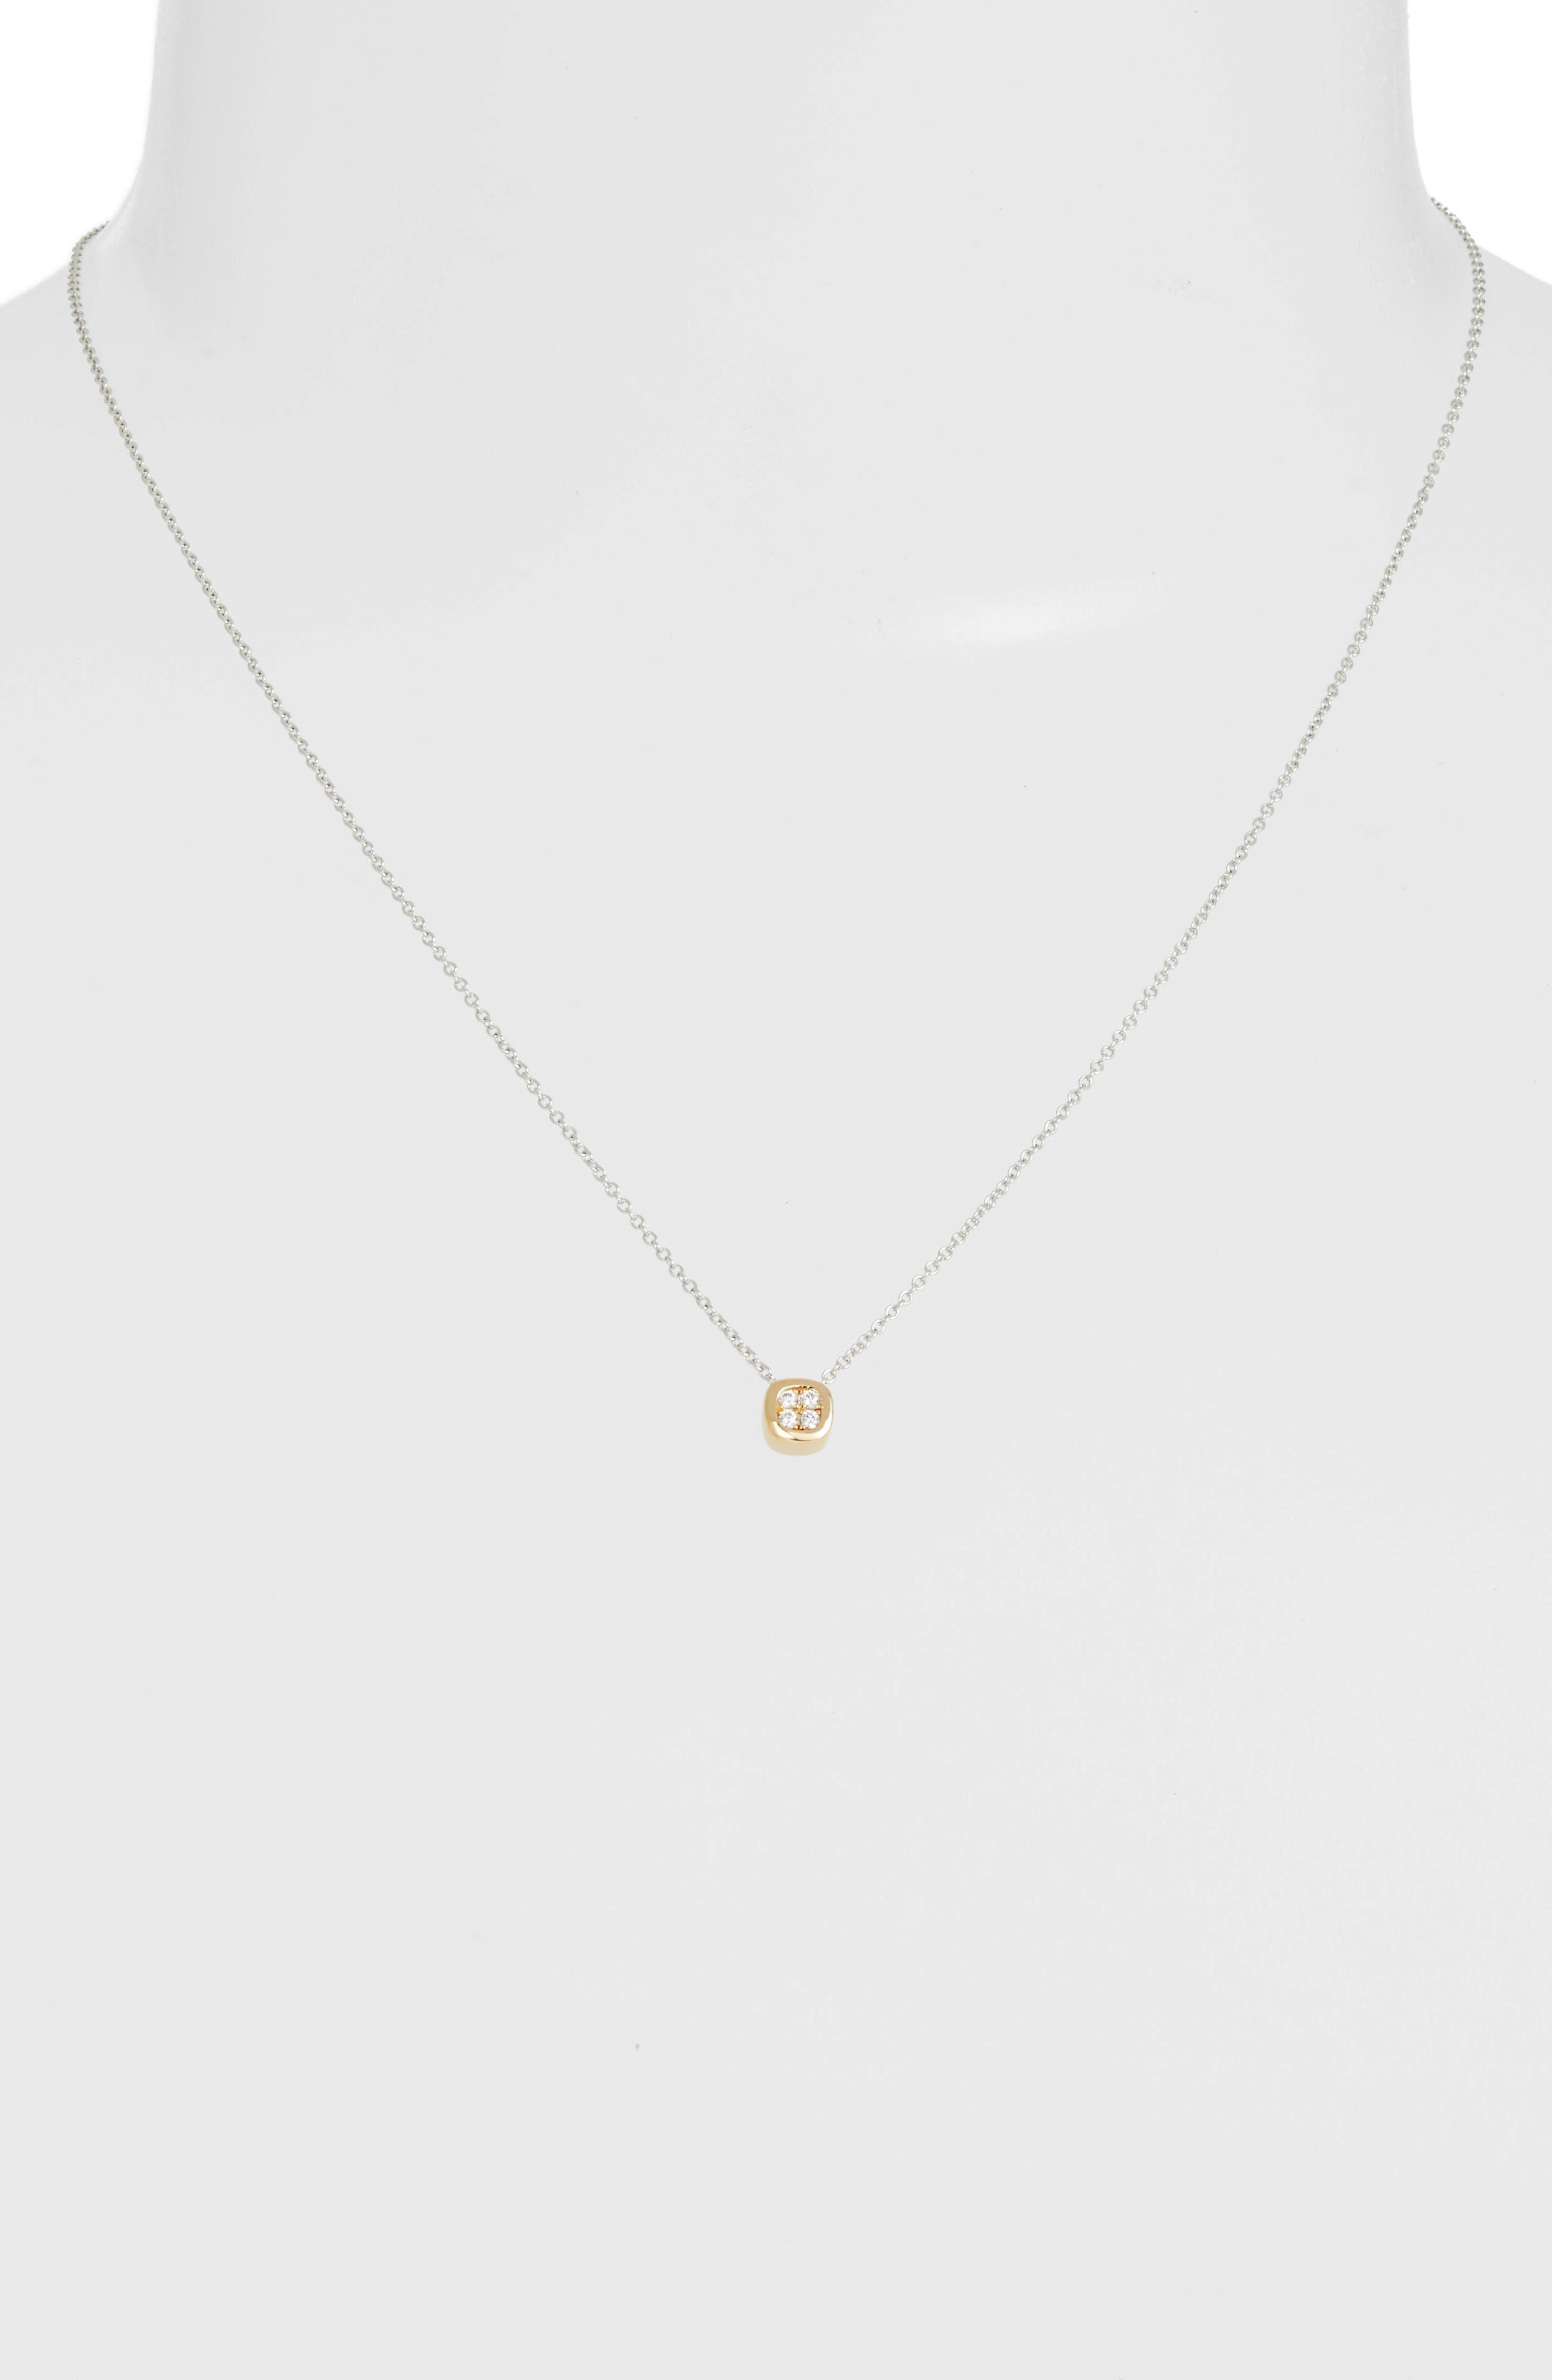 Pavé Pendant Necklace,                             Alternate thumbnail 2, color,                             Silver/ Gold/ Clear